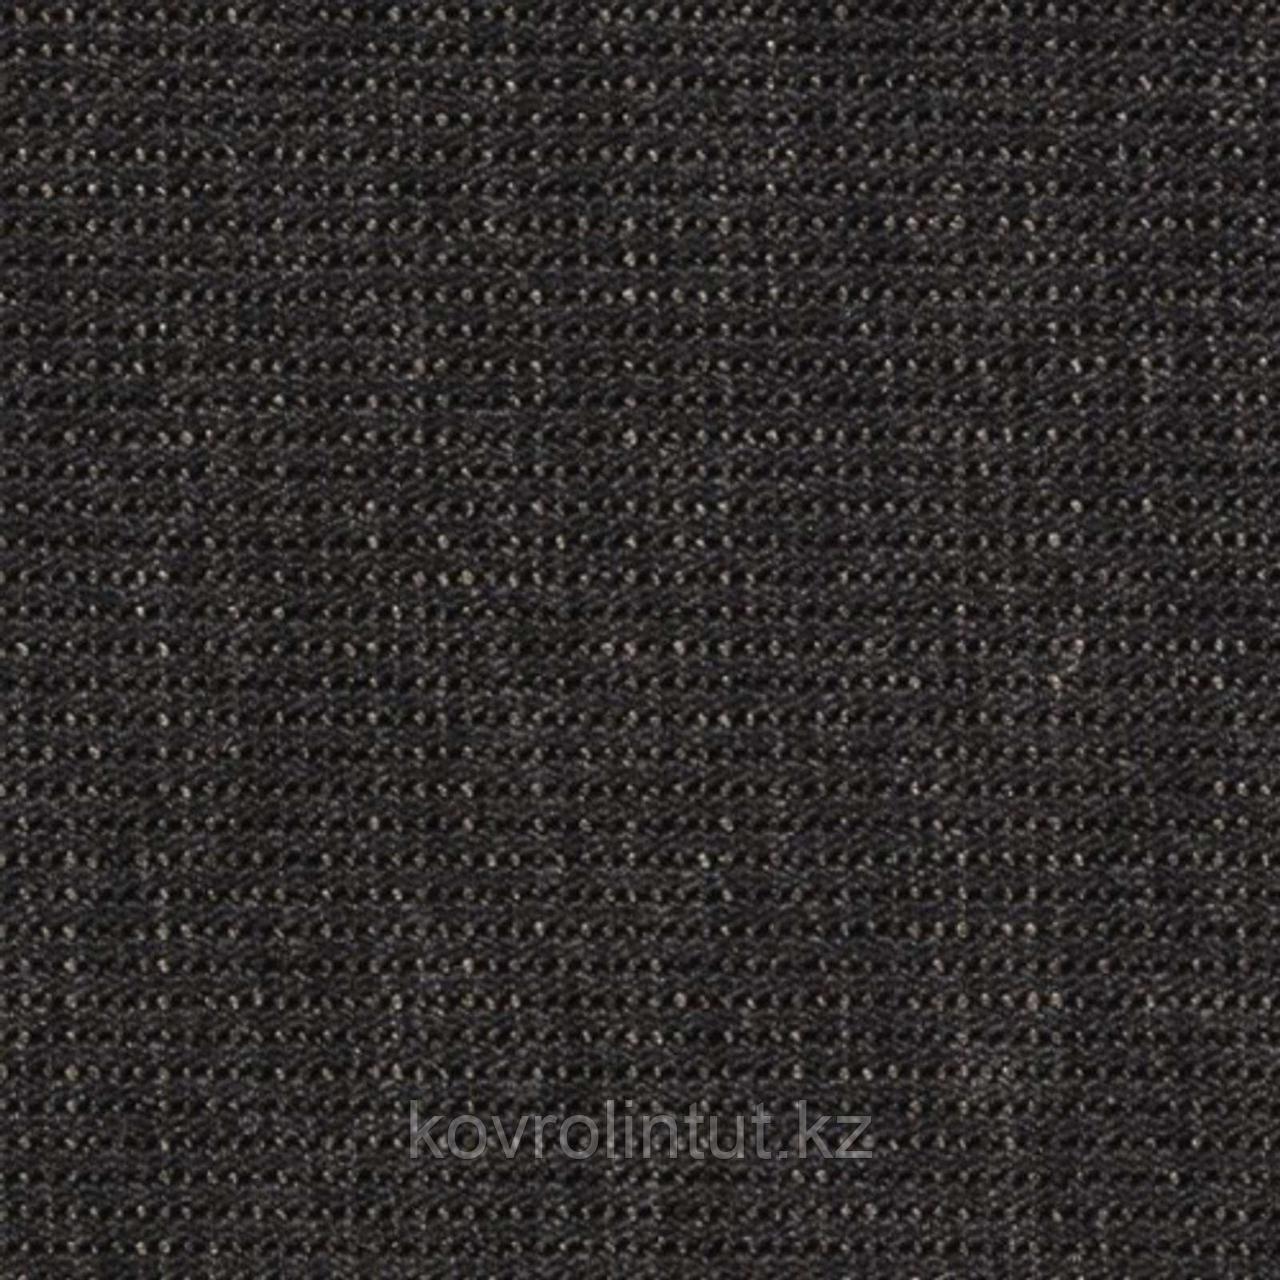 Покрытие ковровое Basket 50696, 4506/96 4 м, 100% PP